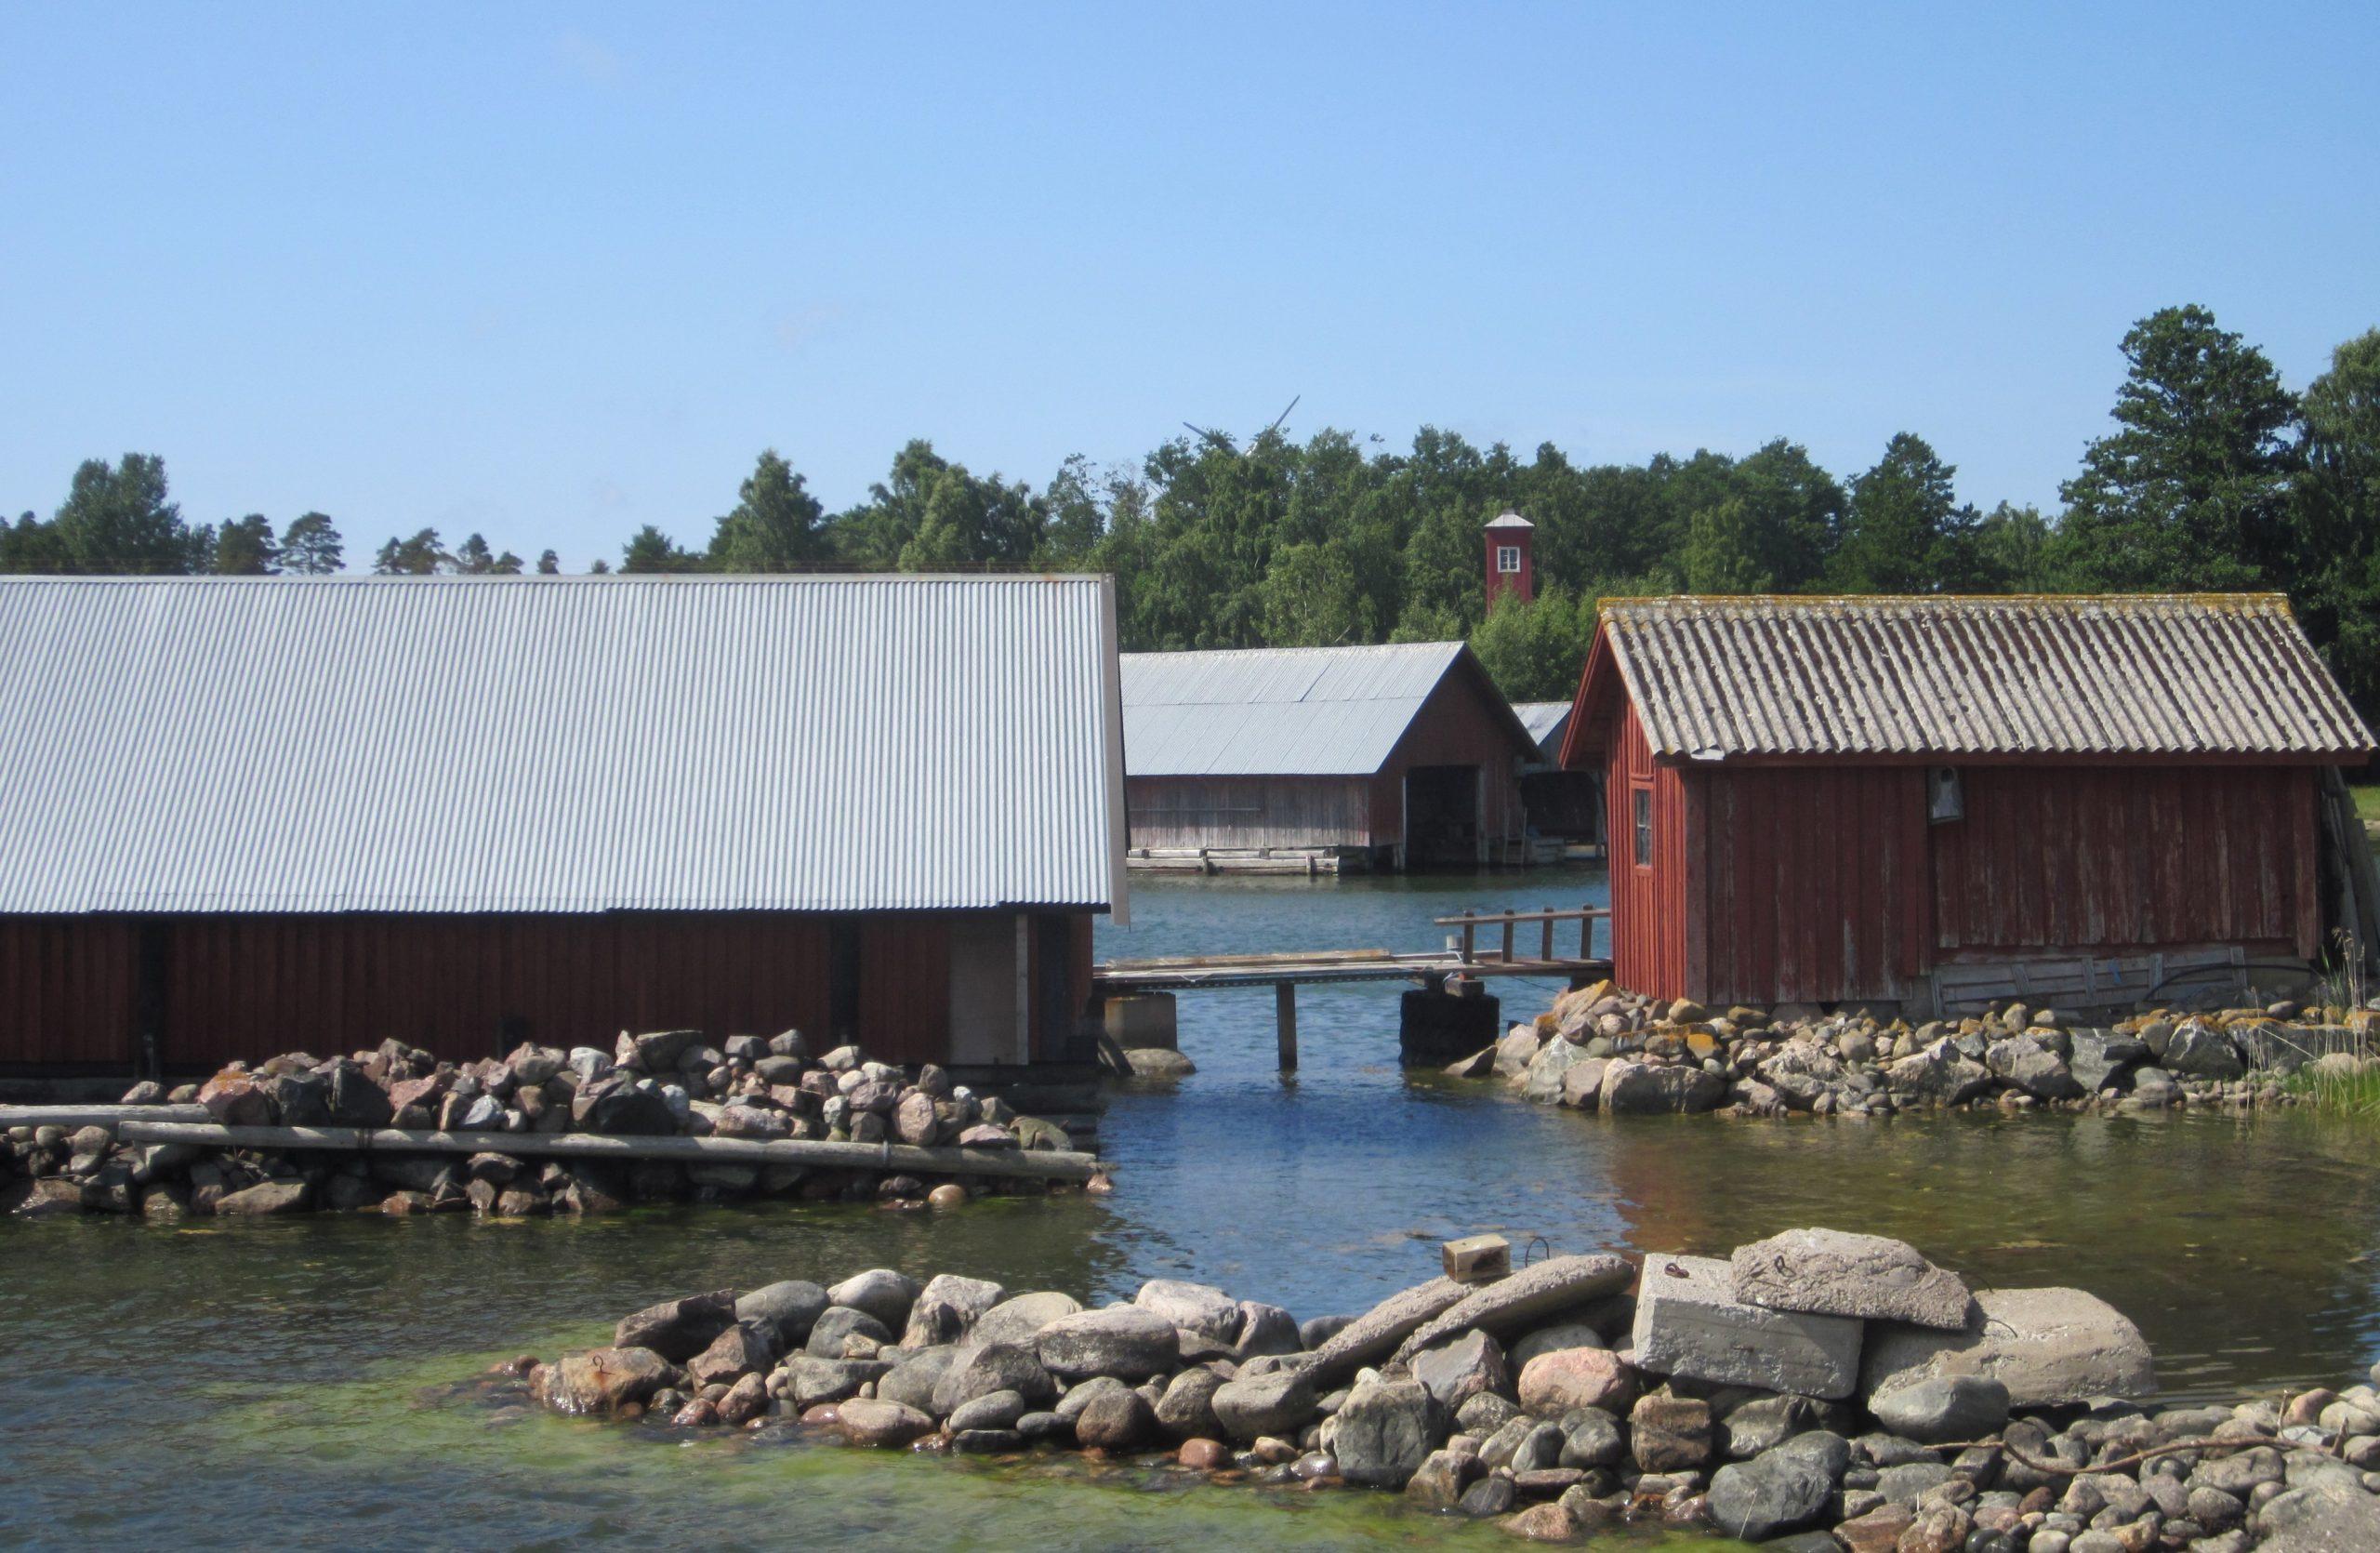 Mereltä päin otetussa rantakuvassa on isoista kivenmurikoista rakennettu aallonmurtaja sekä useita puisia yksikerroksisia venesuojia. Taustalla puita.